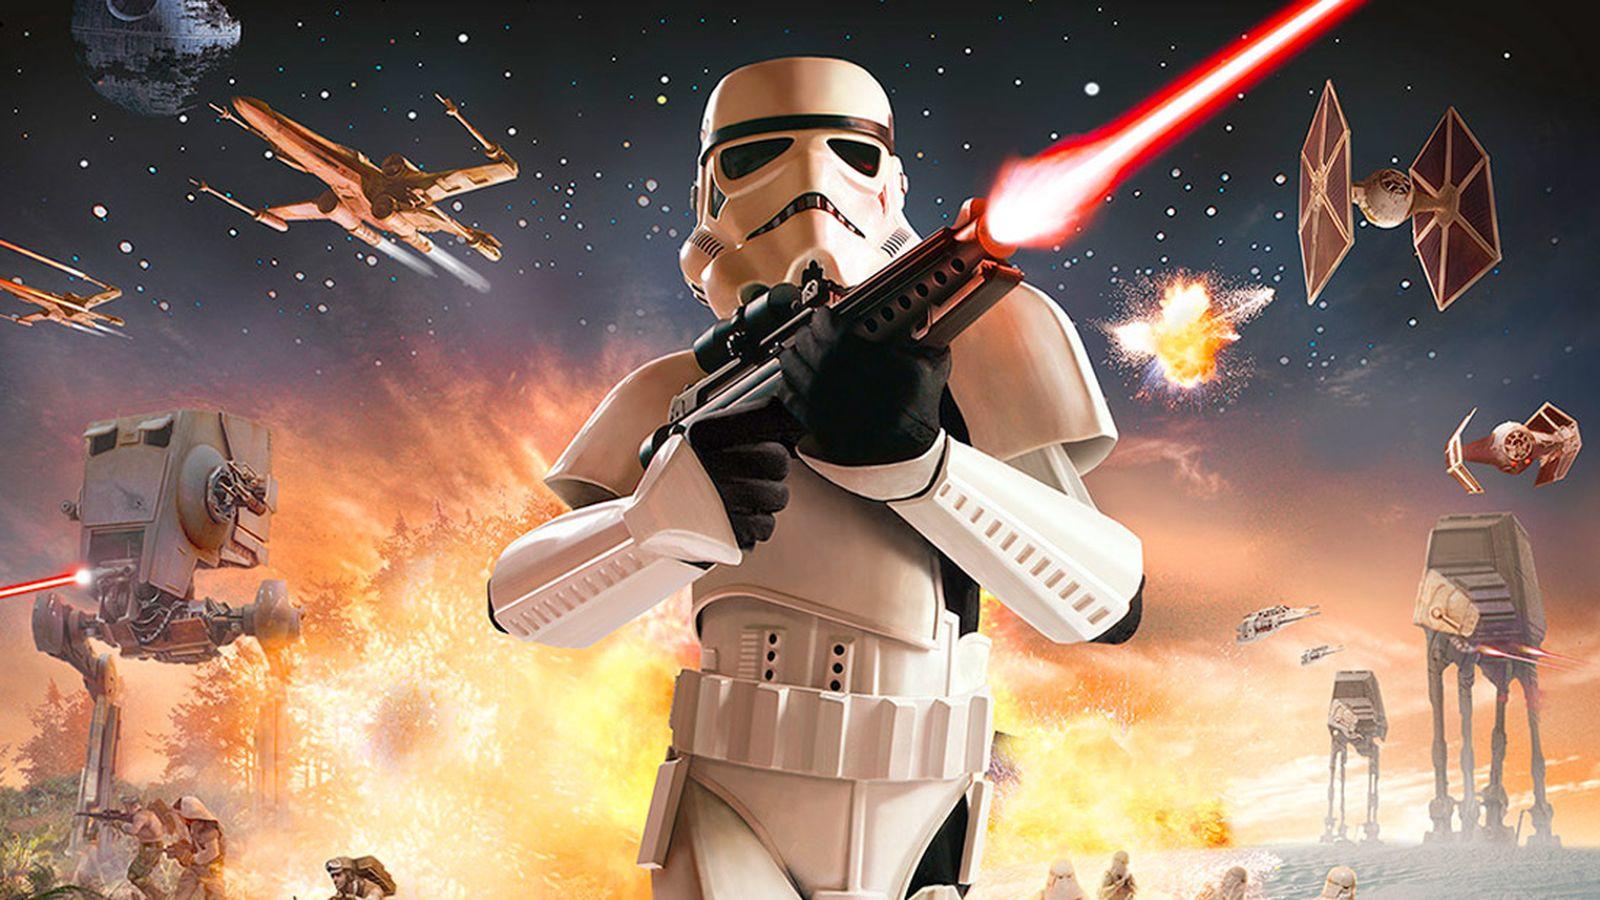 Star Wars Battlefront - фильм `Звездные Воины: Пробуждение Силы` не повлияет на игру